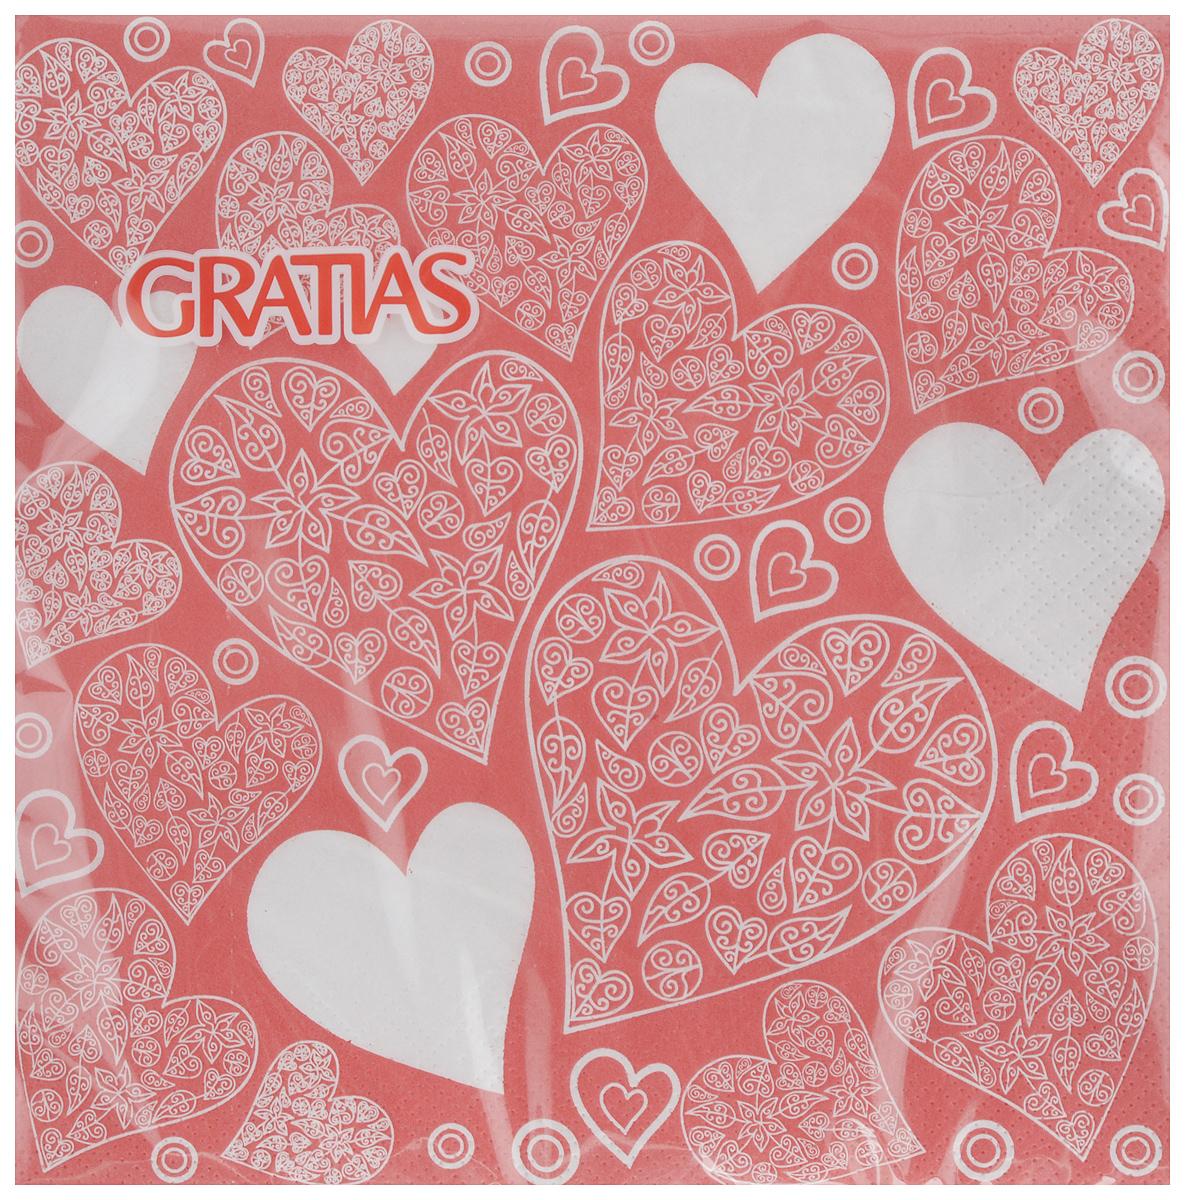 Салфетки бумажные Gratias Сердечки, трехслойные, 33 х 33 см, 20 шт салфетки бумажные gratias мишутка трехслойные 33 х 33 см 20 шт